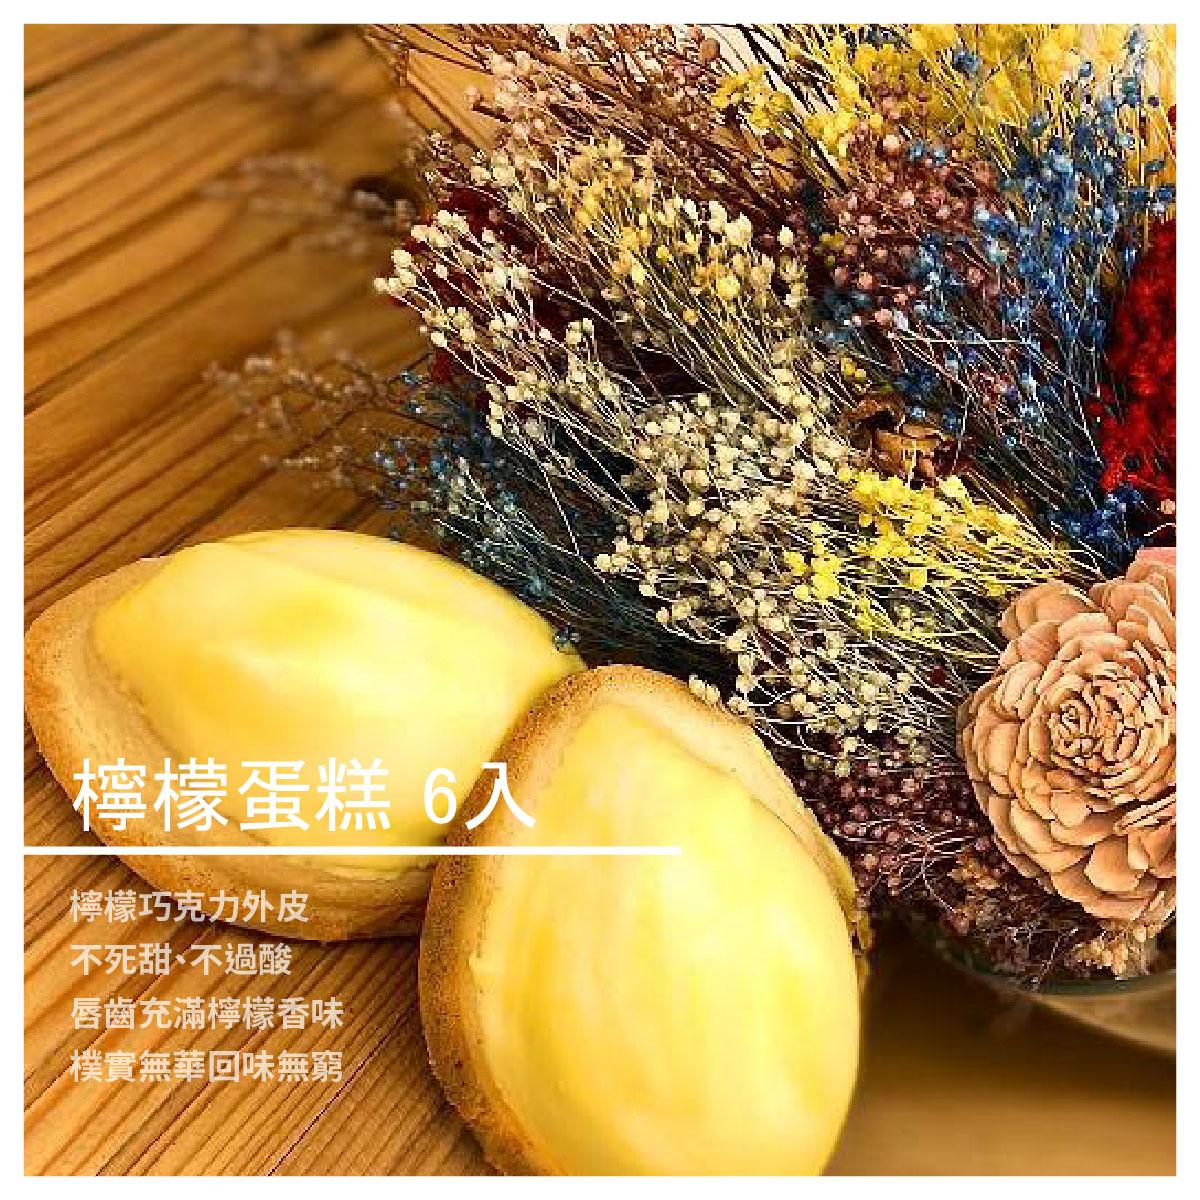 【美式口烘焙房】檸檬蛋糕/6入